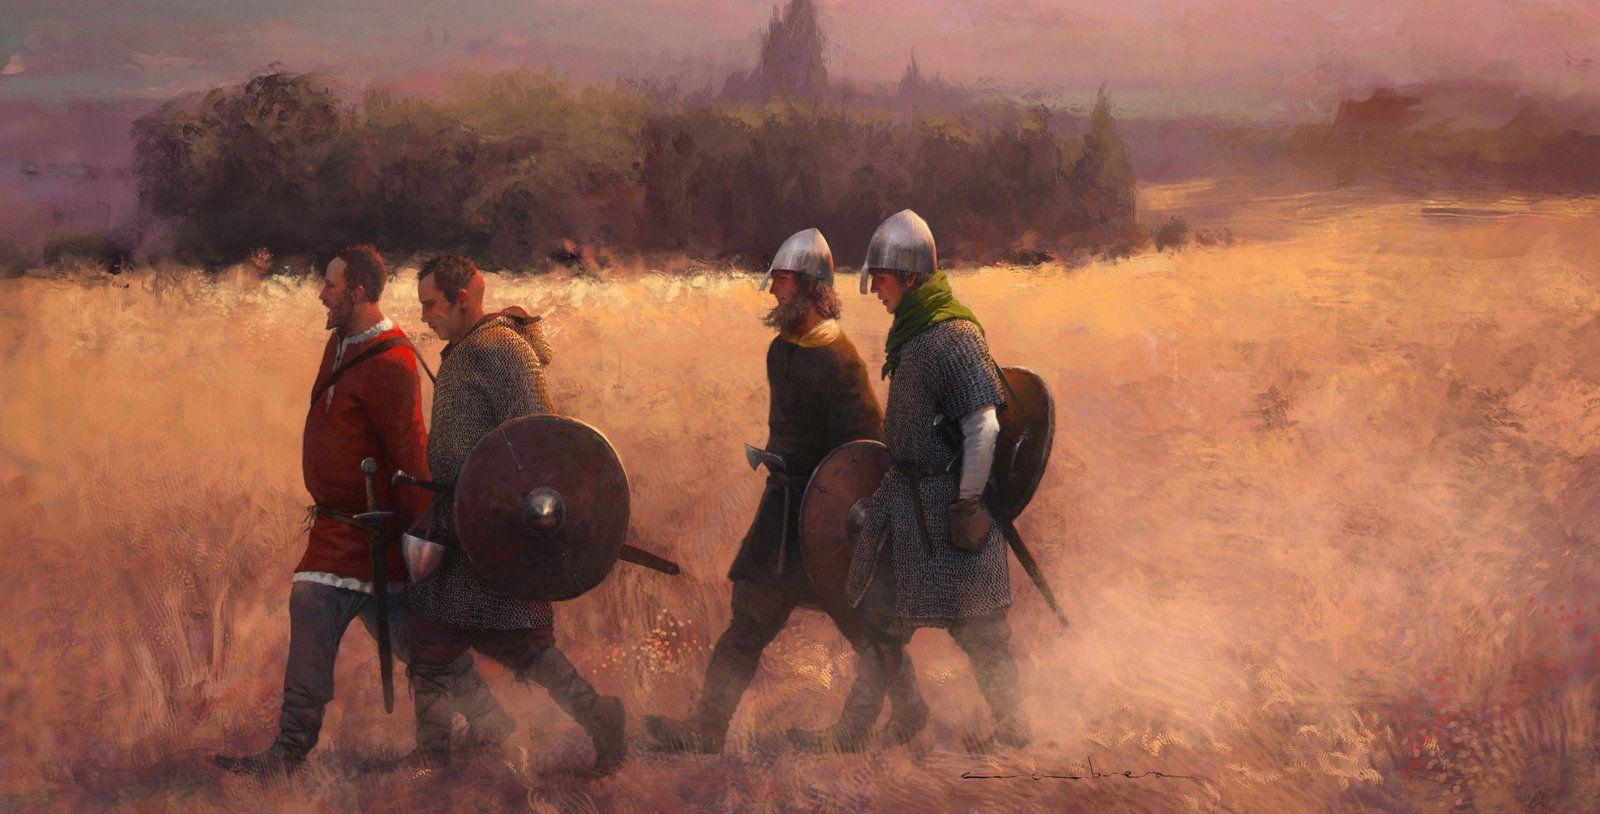 Cid infantry, Jose Daniel Cabrera Peña on ArtStation at http://www.artstation.com/artwork/cid-infantry